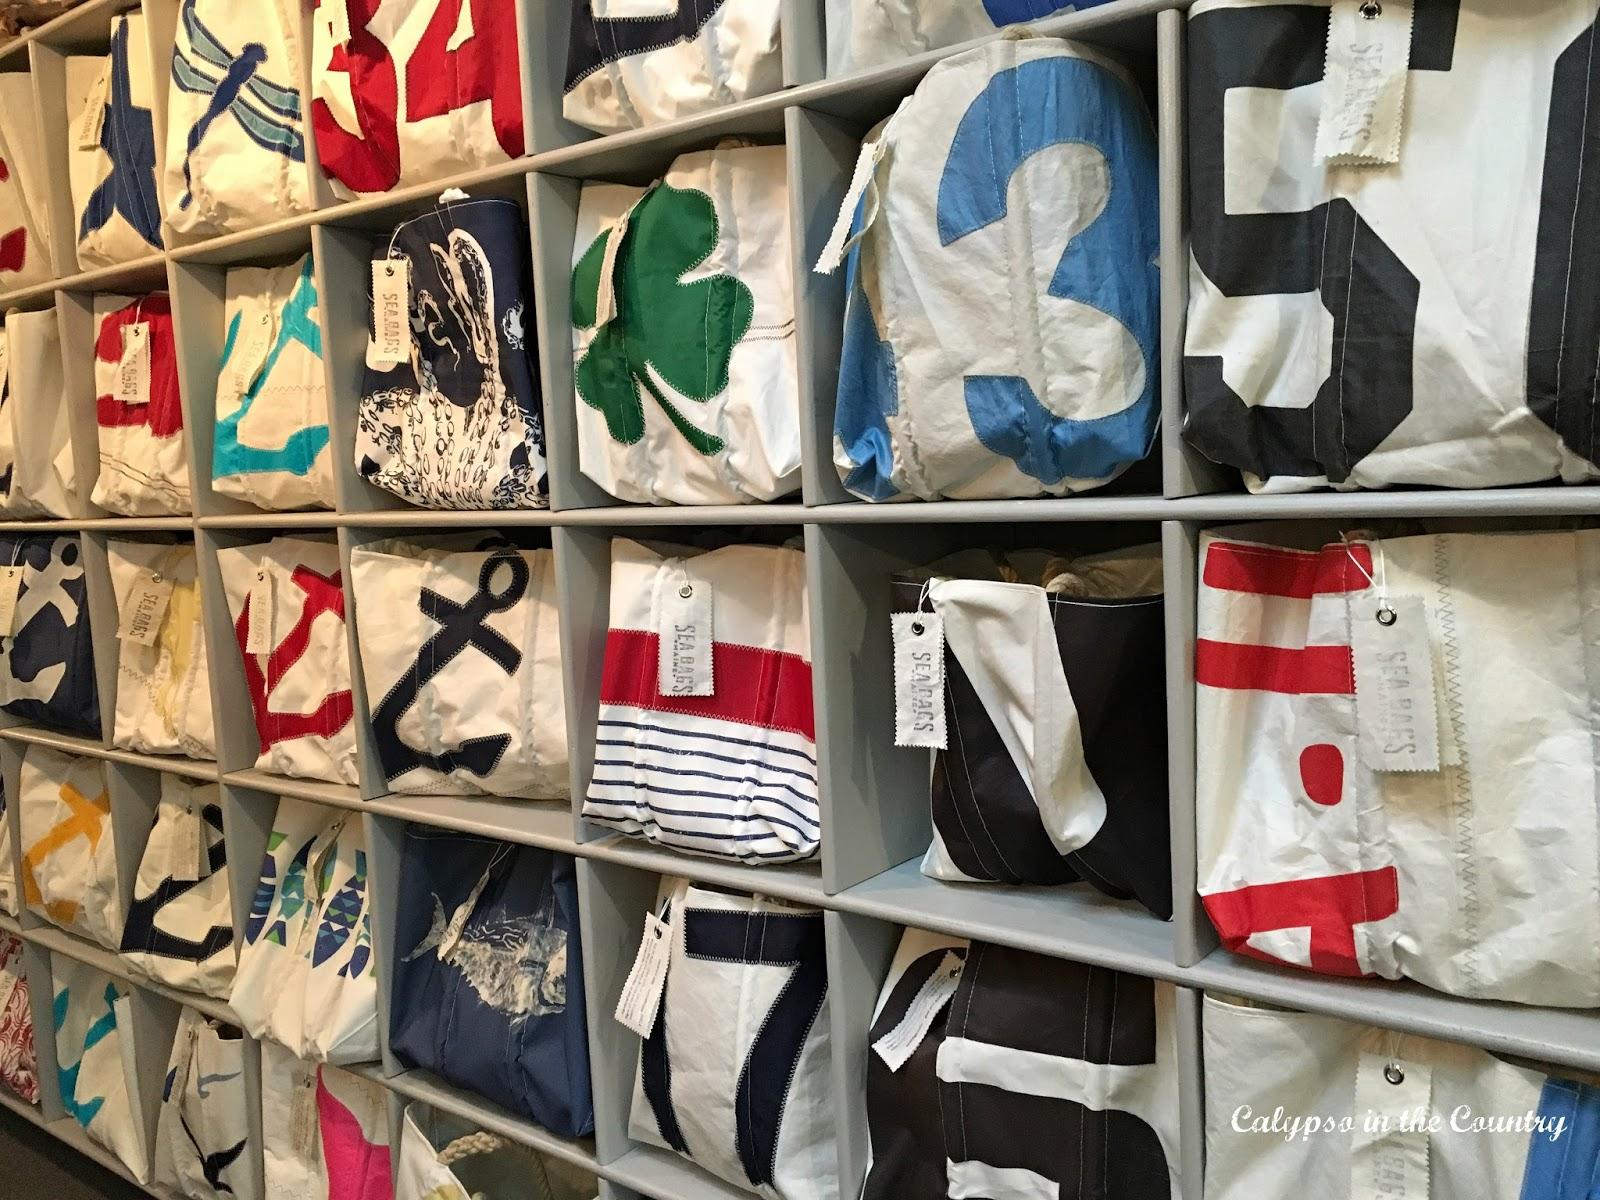 Display at Sea Bags store